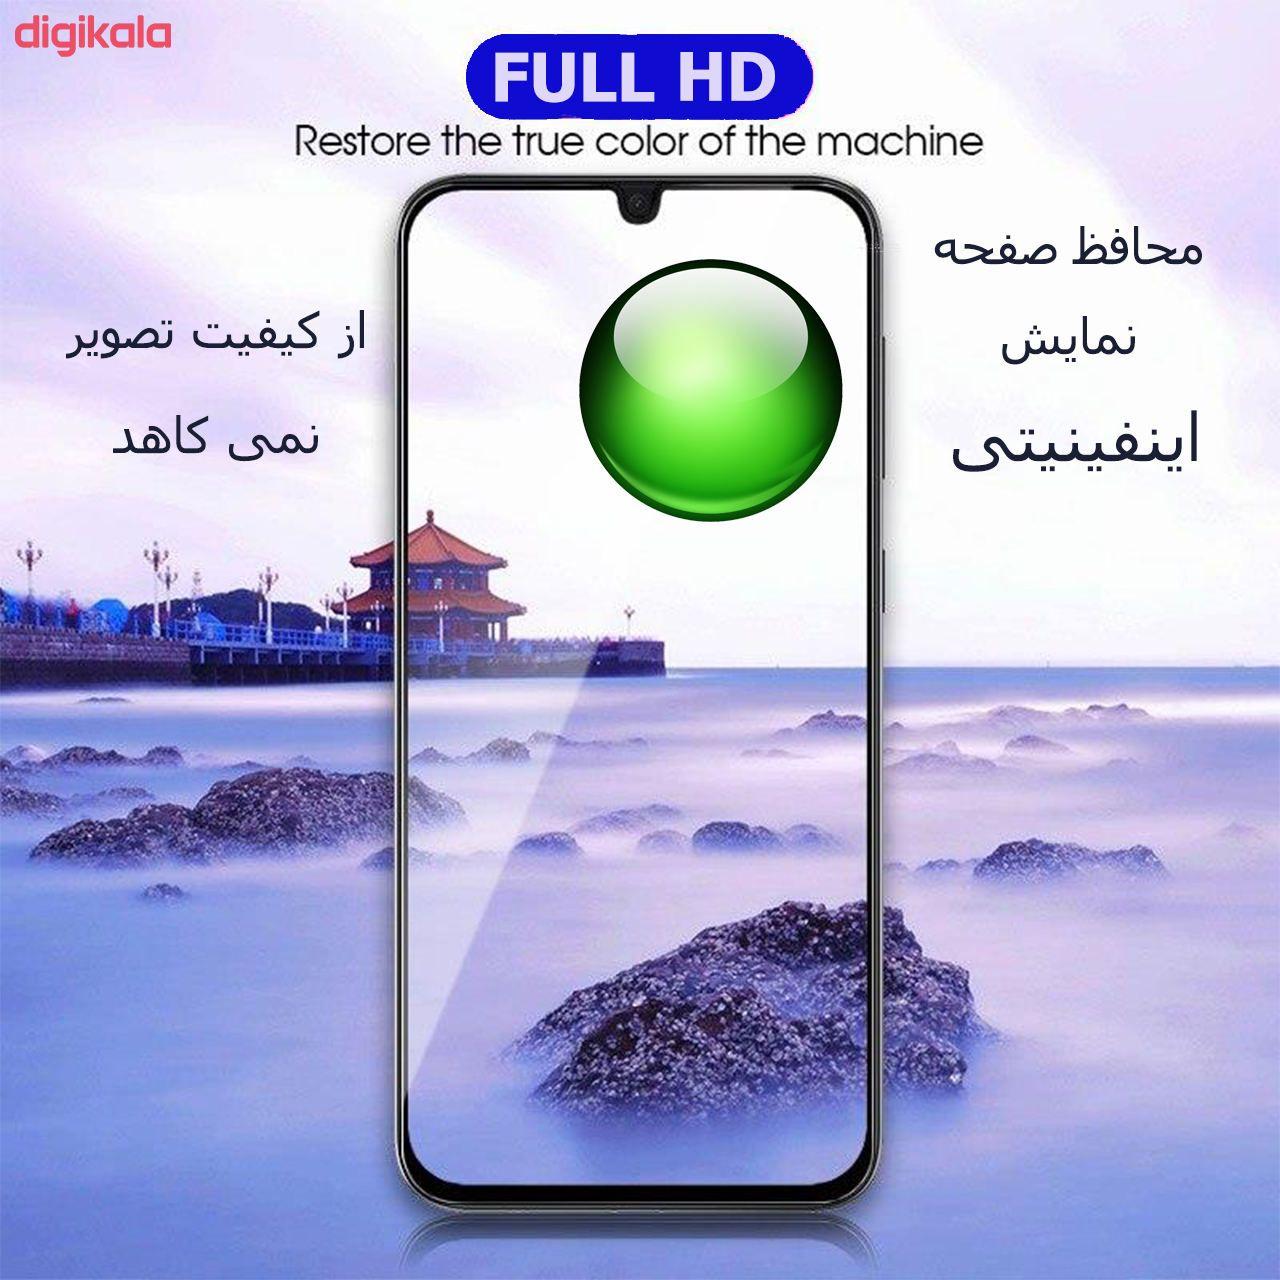 محافظ صفحه نمایش فوکس مدل PT001 مناسب برای گوشی موبایل سامسونگ Galaxy A31 main 1 11